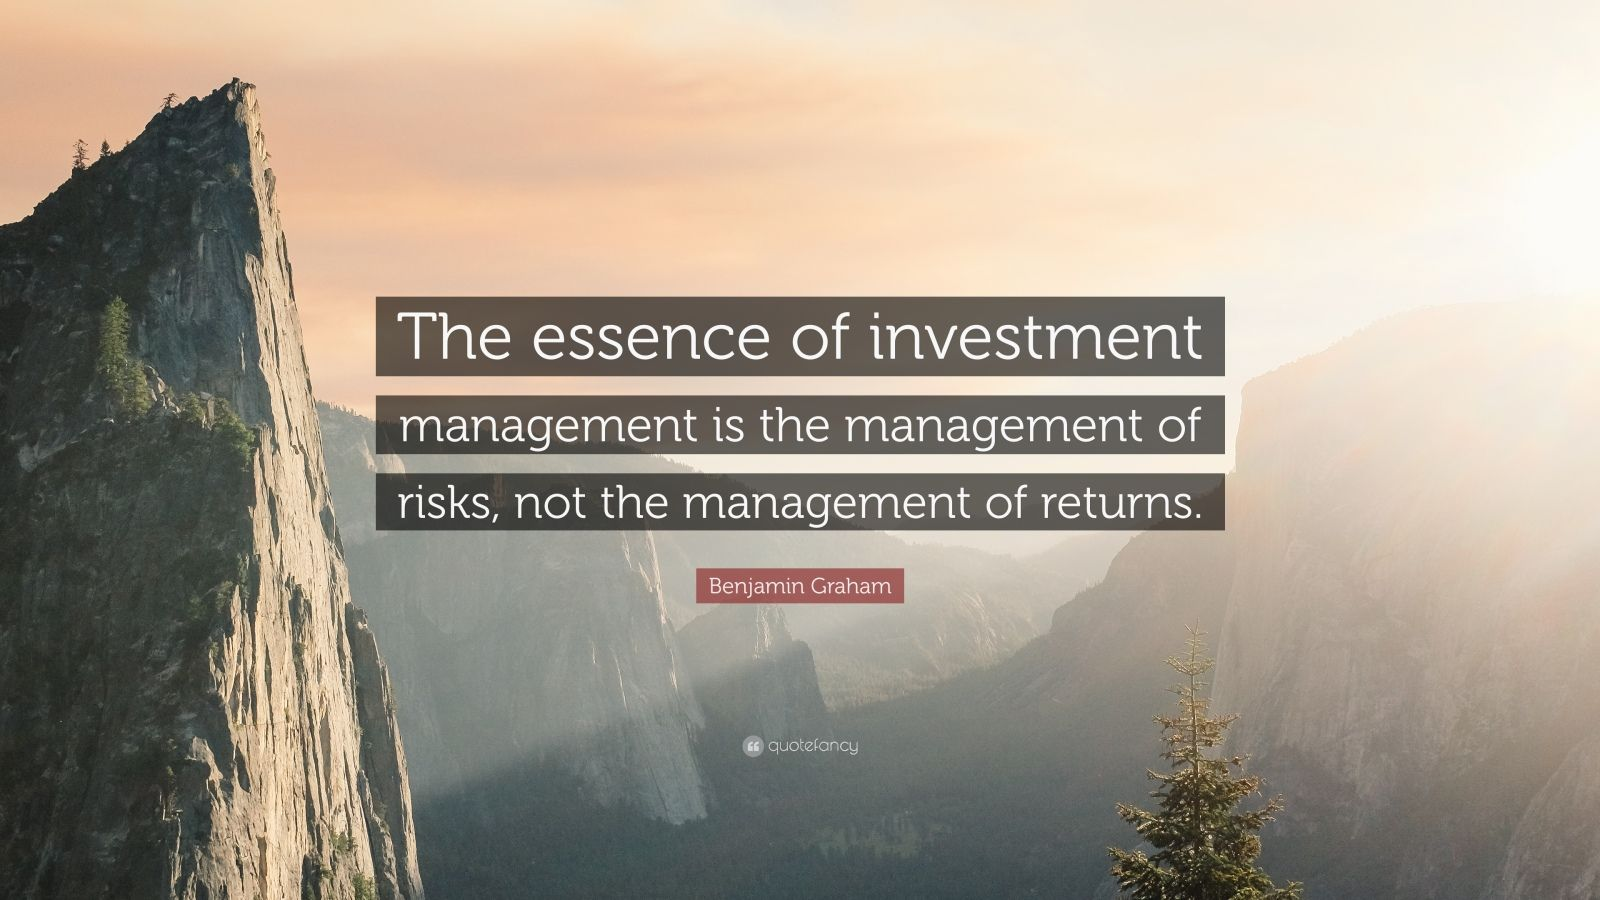 Graham on Risk Management